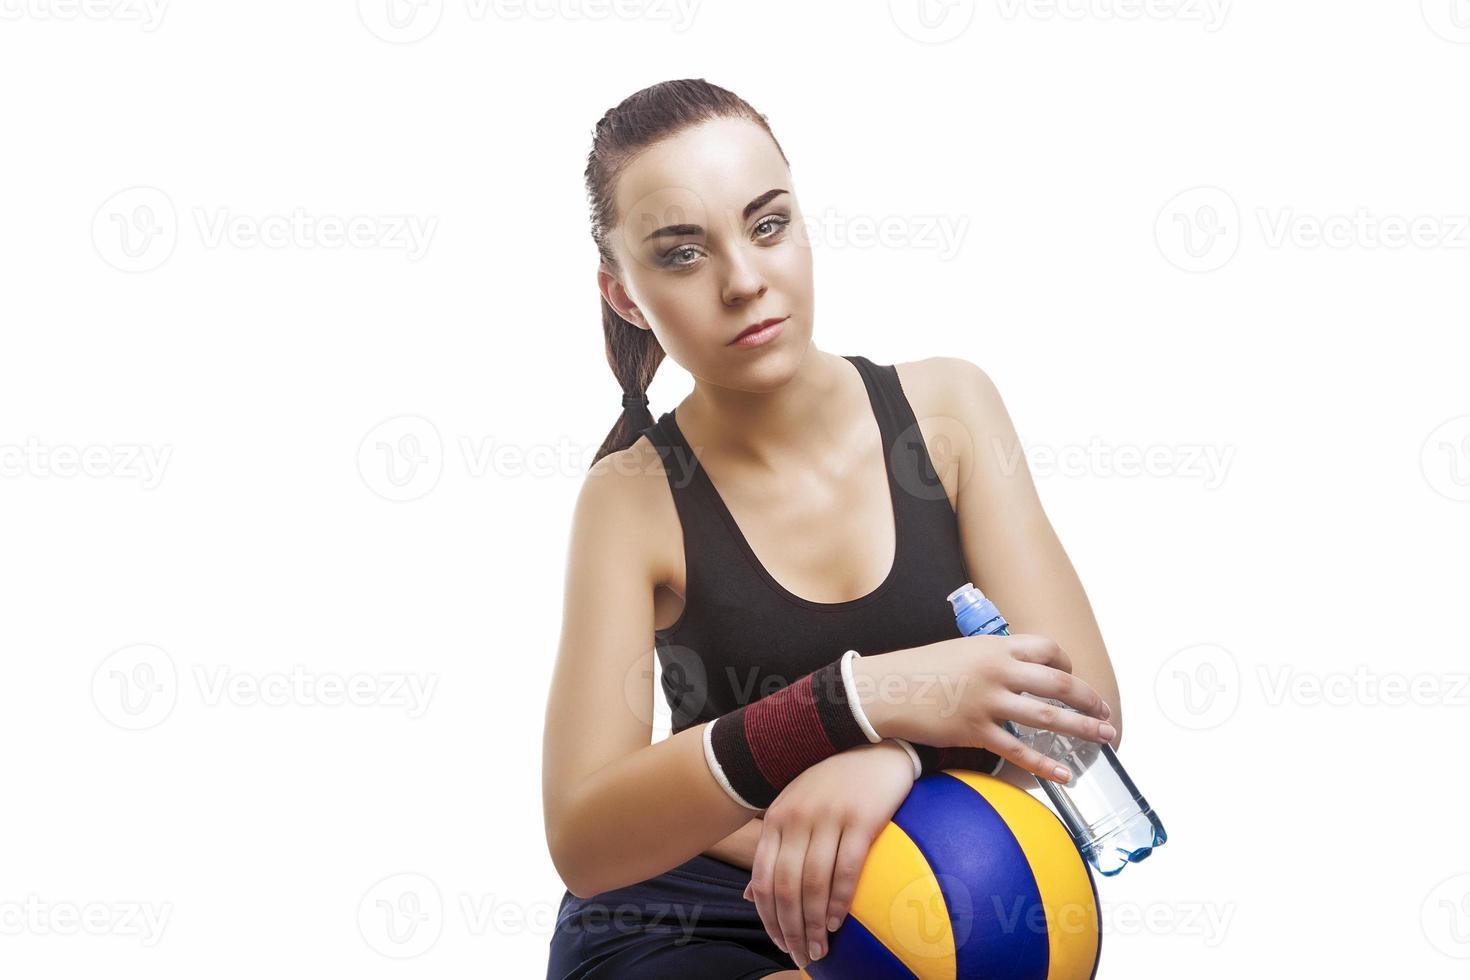 Athlète de volley-ball caucasien épuisé assis avec une bouteille d'eau photo